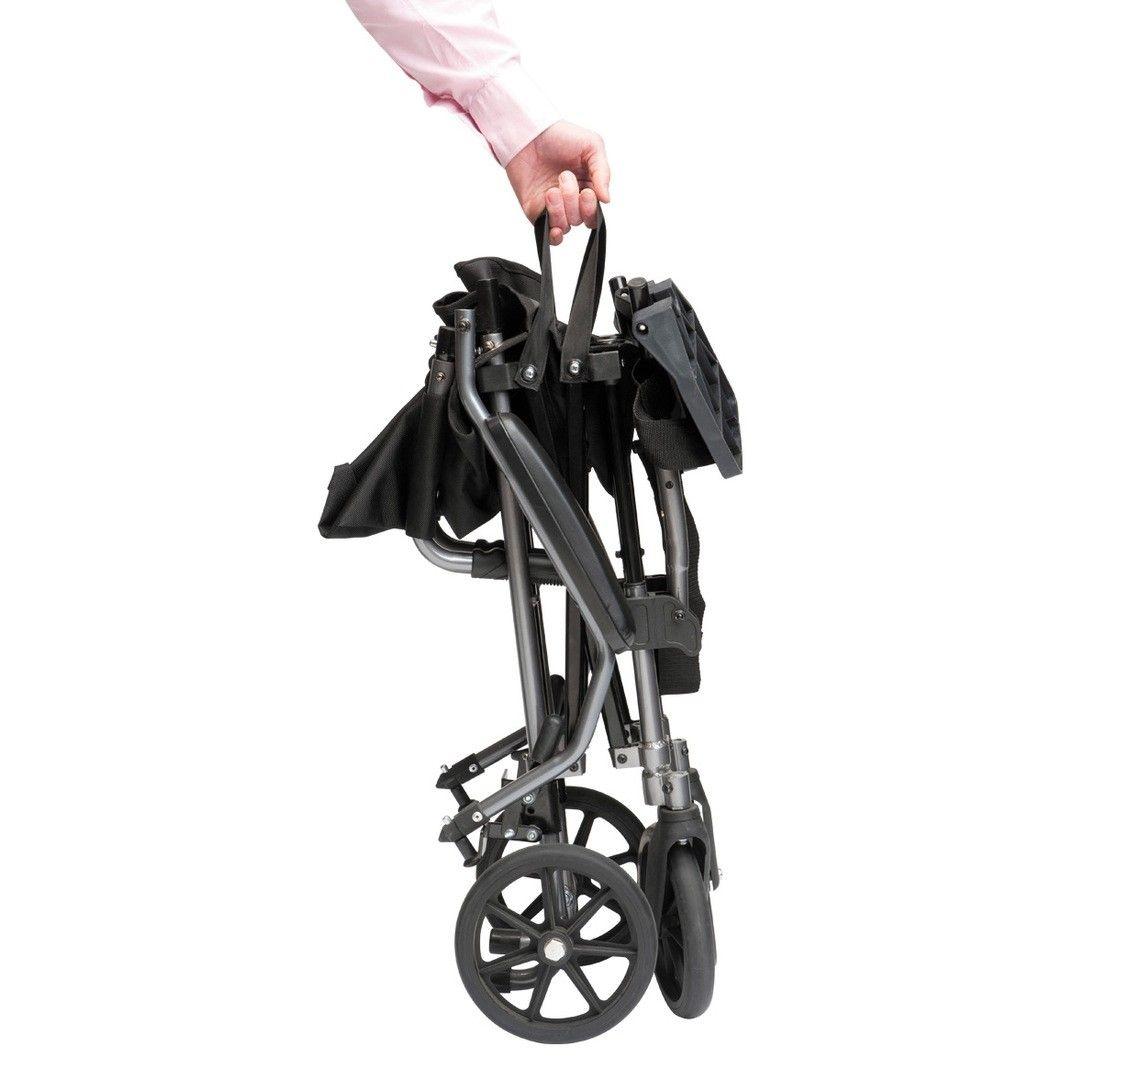 TraveLite aluminium transport chair folded for transportation